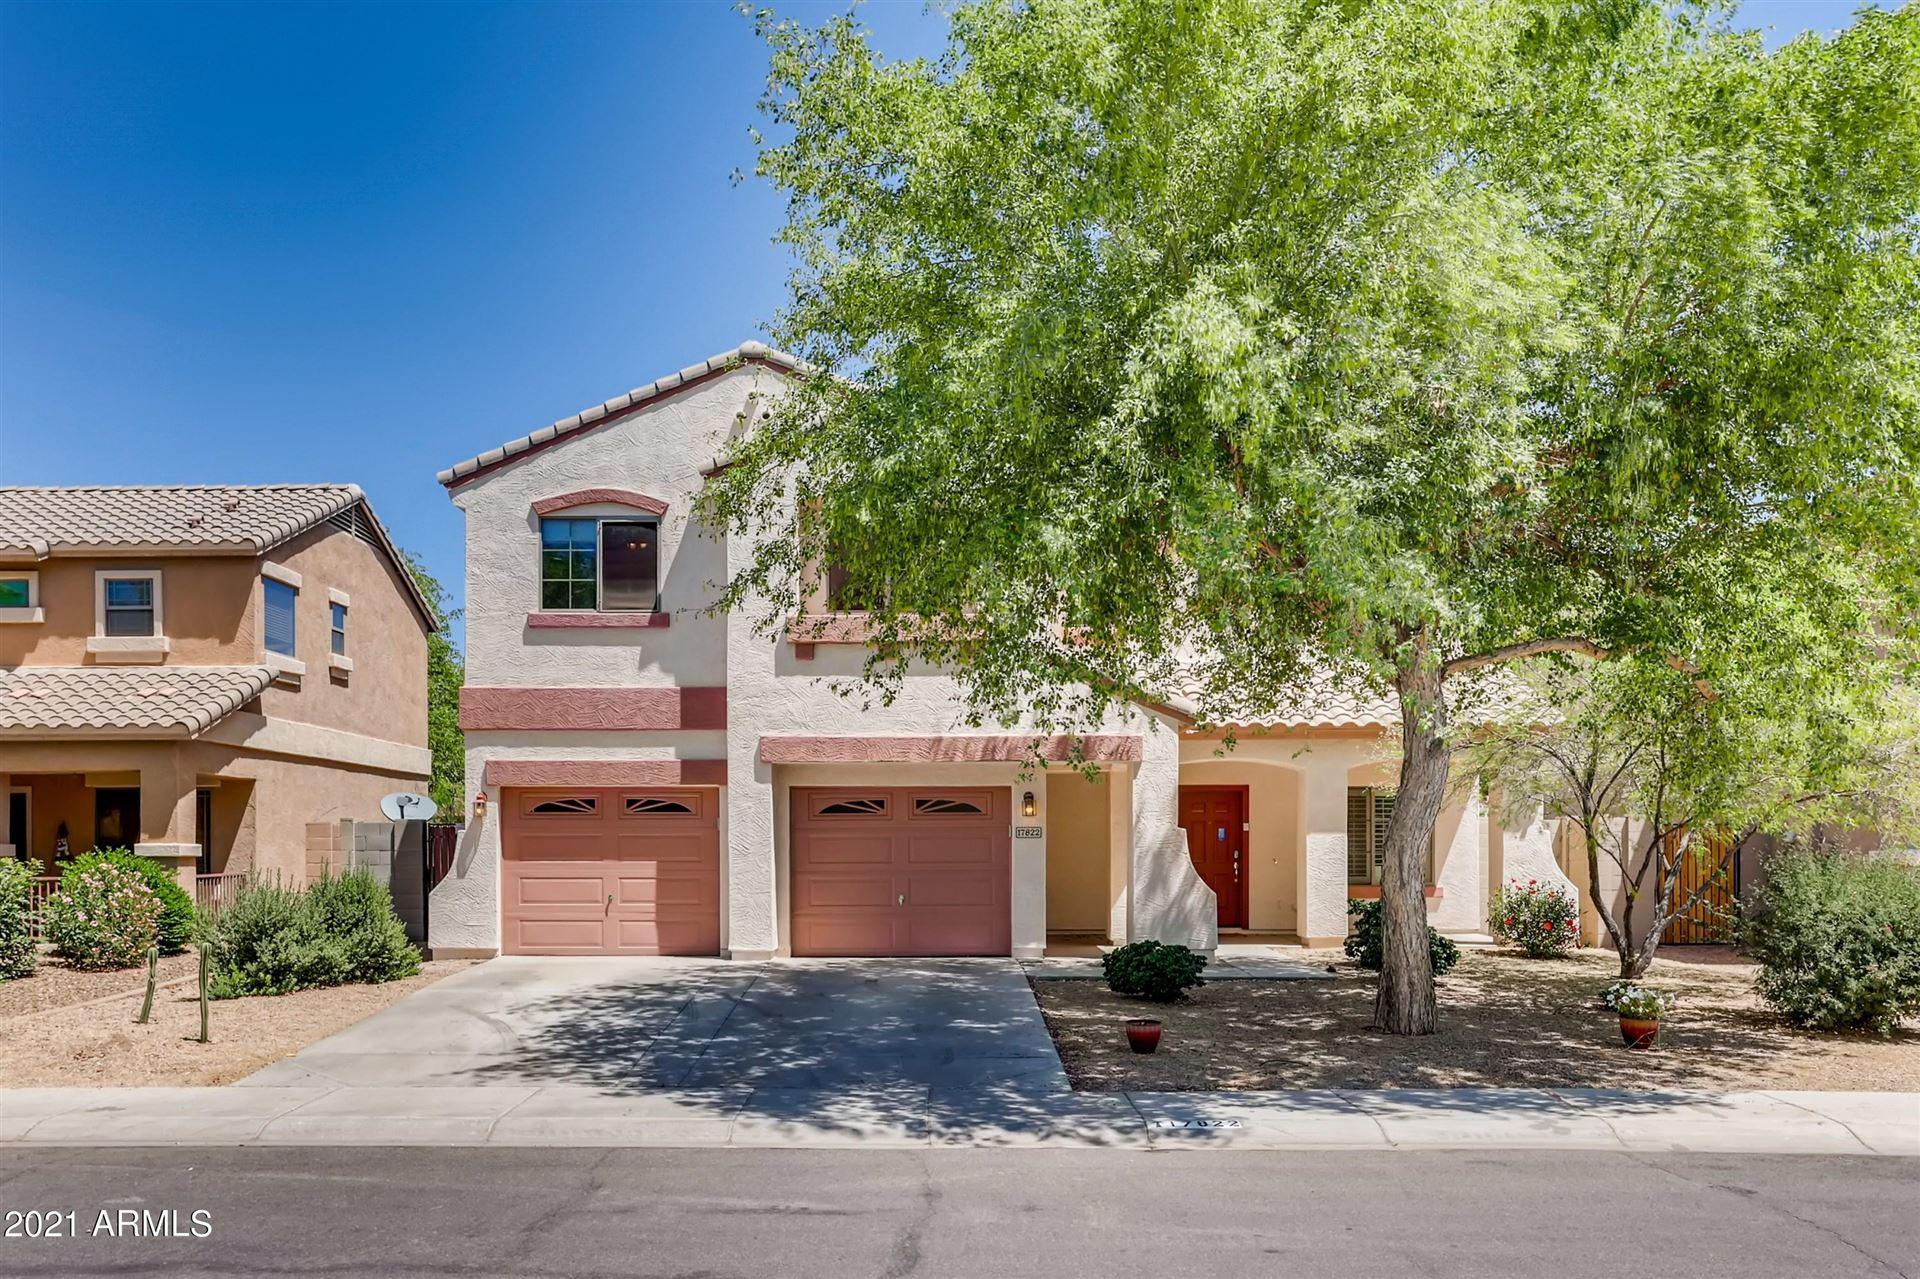 17822 W MAUI Lane, Surprise, AZ 85388 - MLS#: 6237306